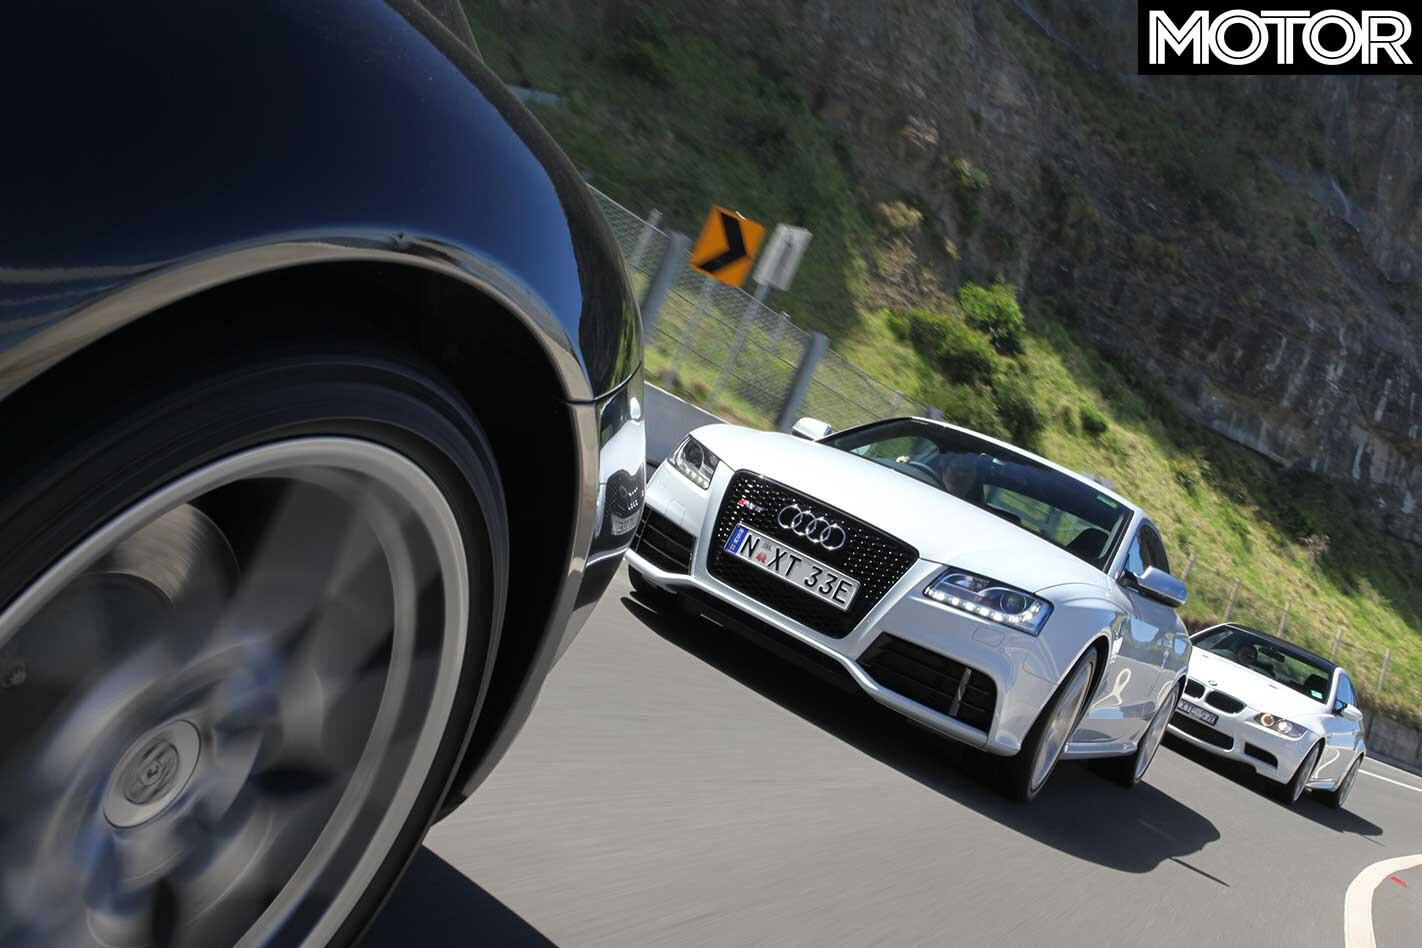 2011 Audi RS 5 Vs BMW M 3 Vs Porsche 911 Carrera 4 S Comparison Drive Jpg